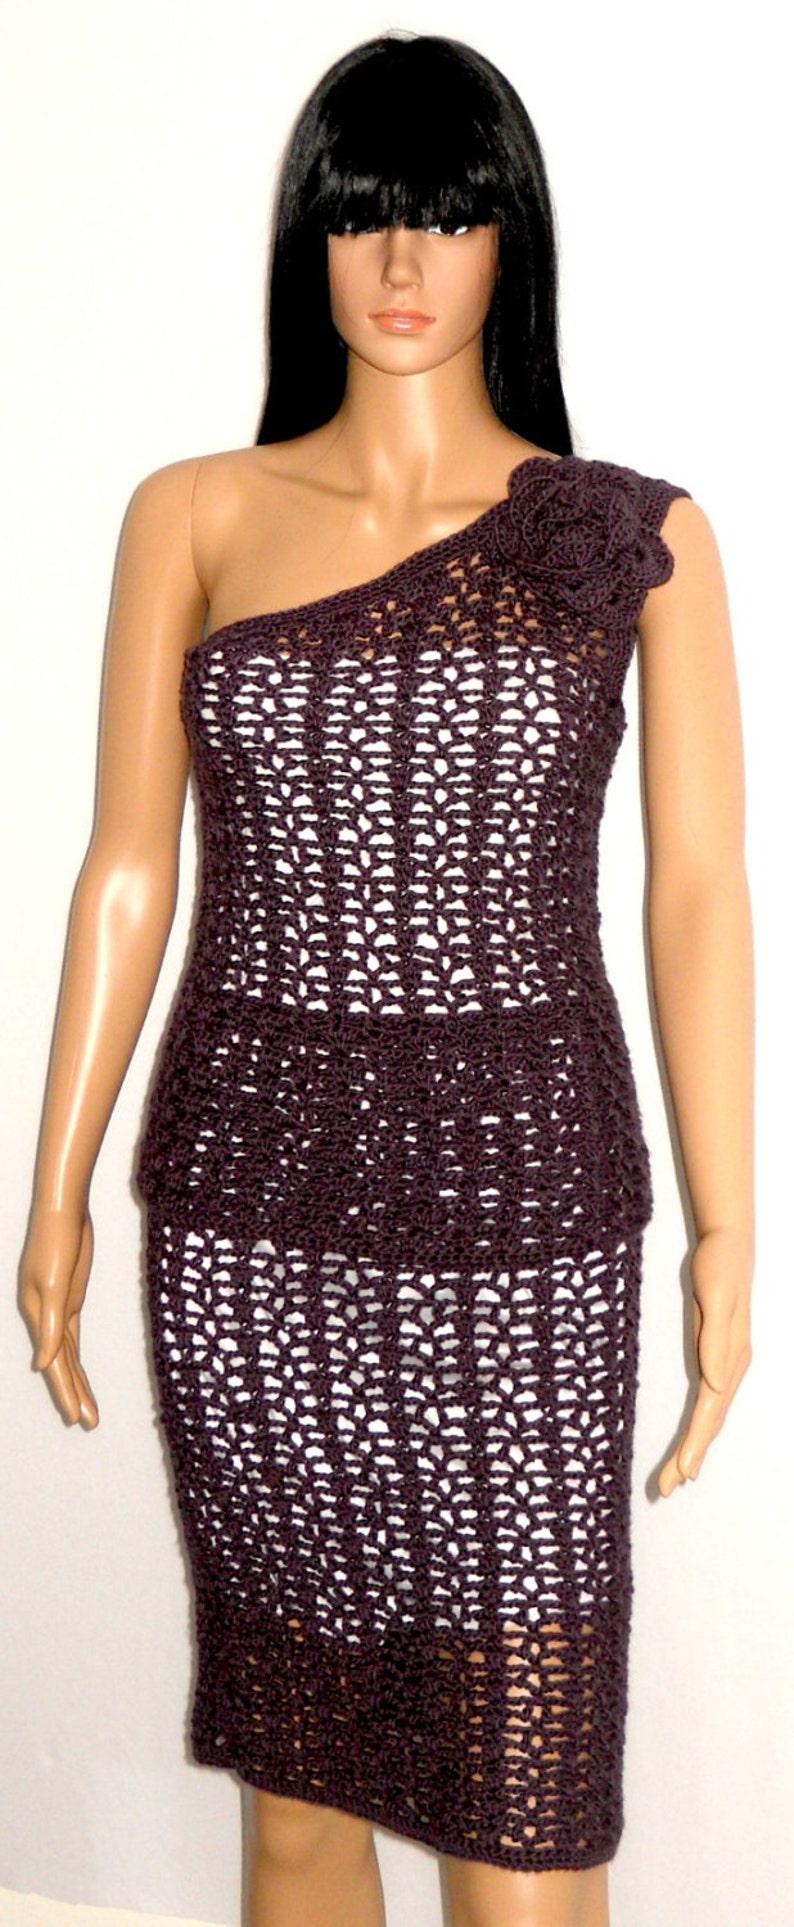 Crochet Clothing Pattern - Crochet Skirt - Cold Shoulder - Plus Size  Clothing - Plus Size Crochet Pattern Crochet Dress PDF Crochet Pattern